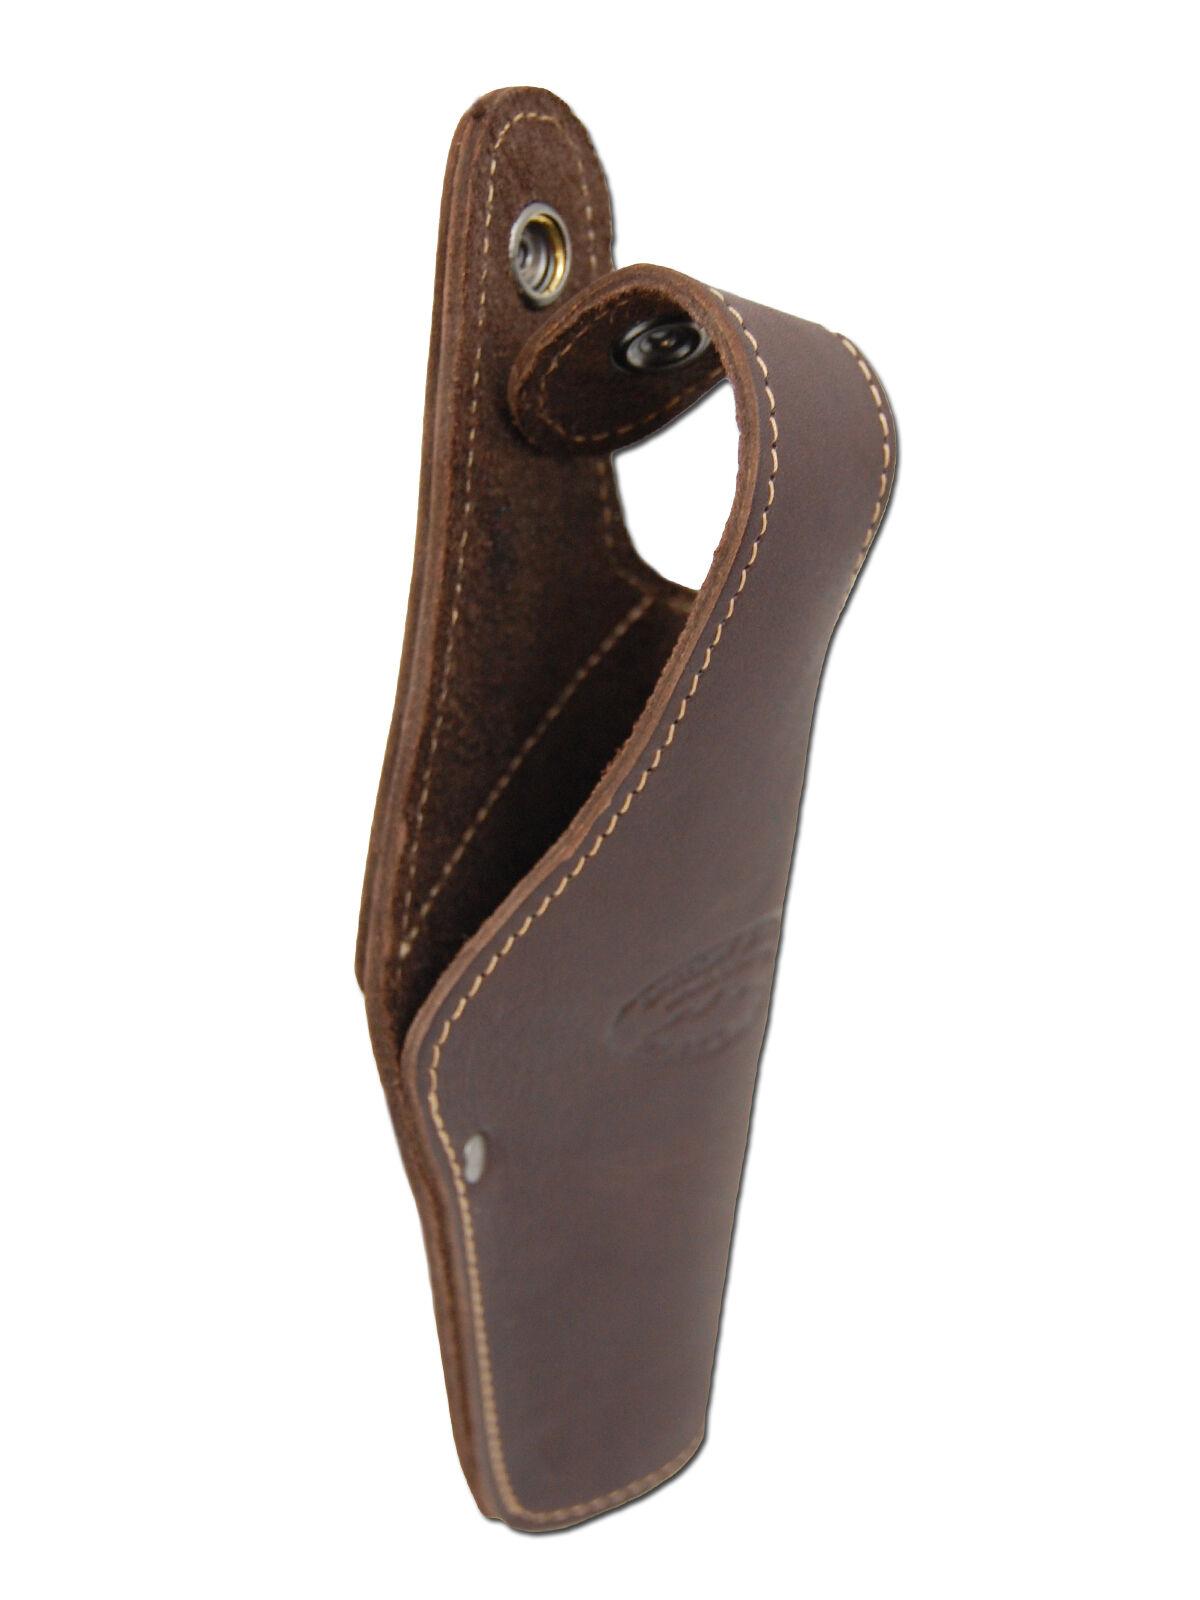 New Barsony Braun Leder Belt OWB Holster for Kimber Kimber for Full Größe 9mm 40 45 9170fc